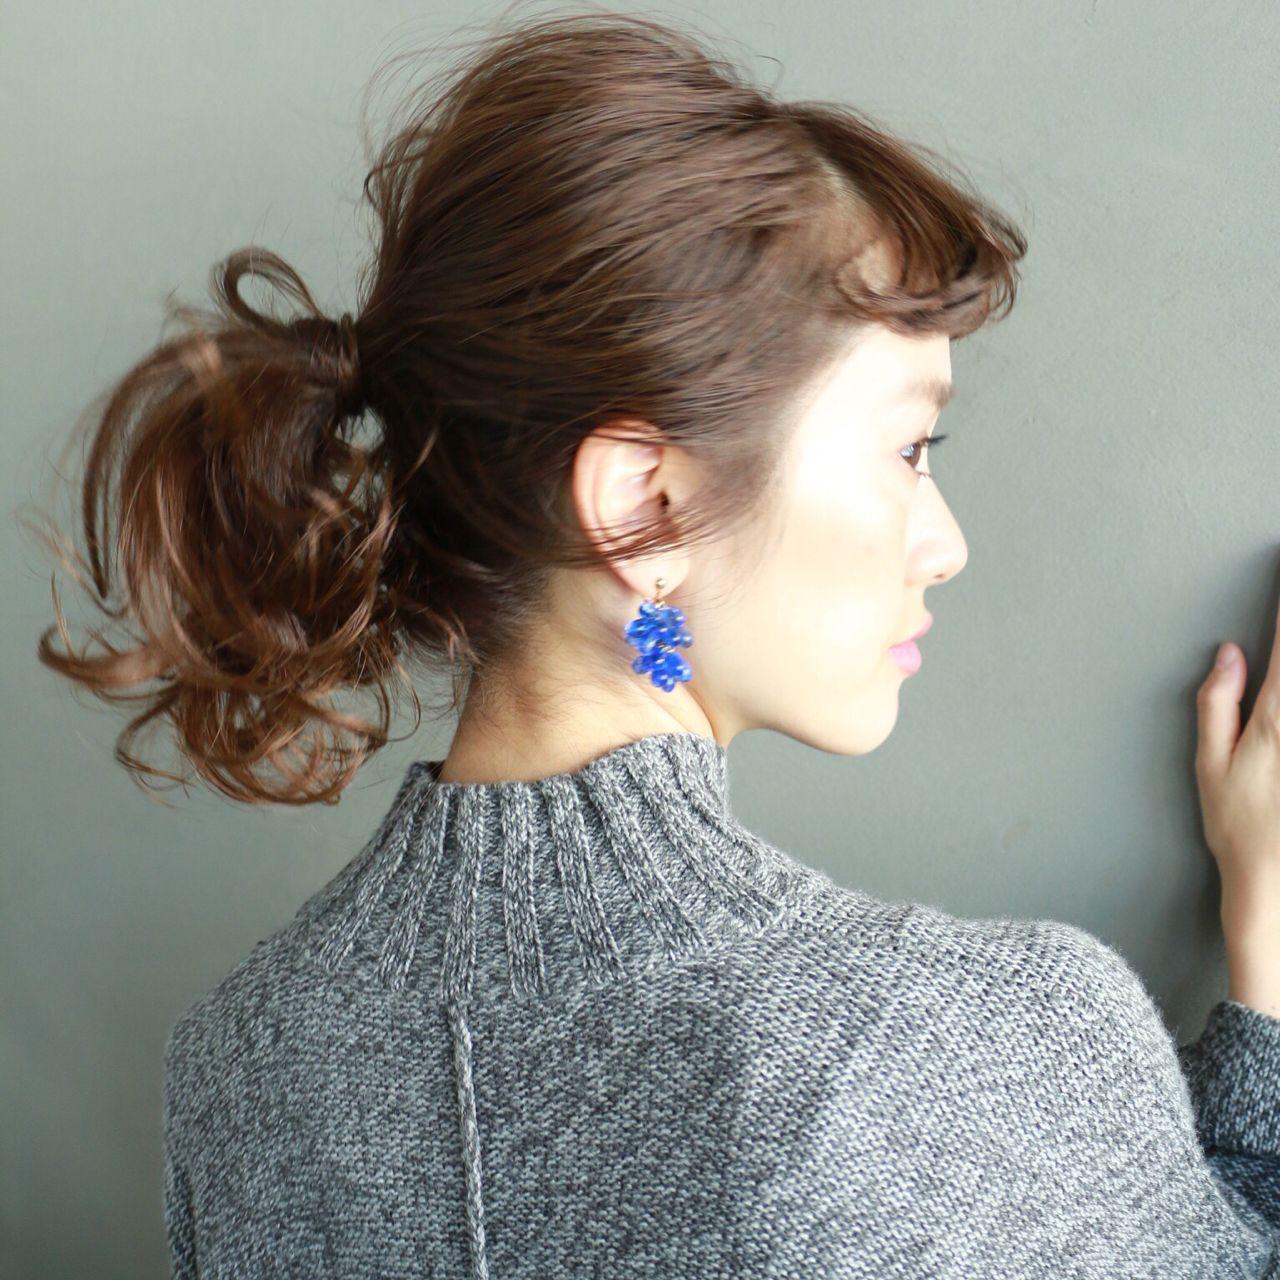 ミディアム 透明感 ポニーテール ヘアアレンジ ヘアスタイルや髪型の写真・画像